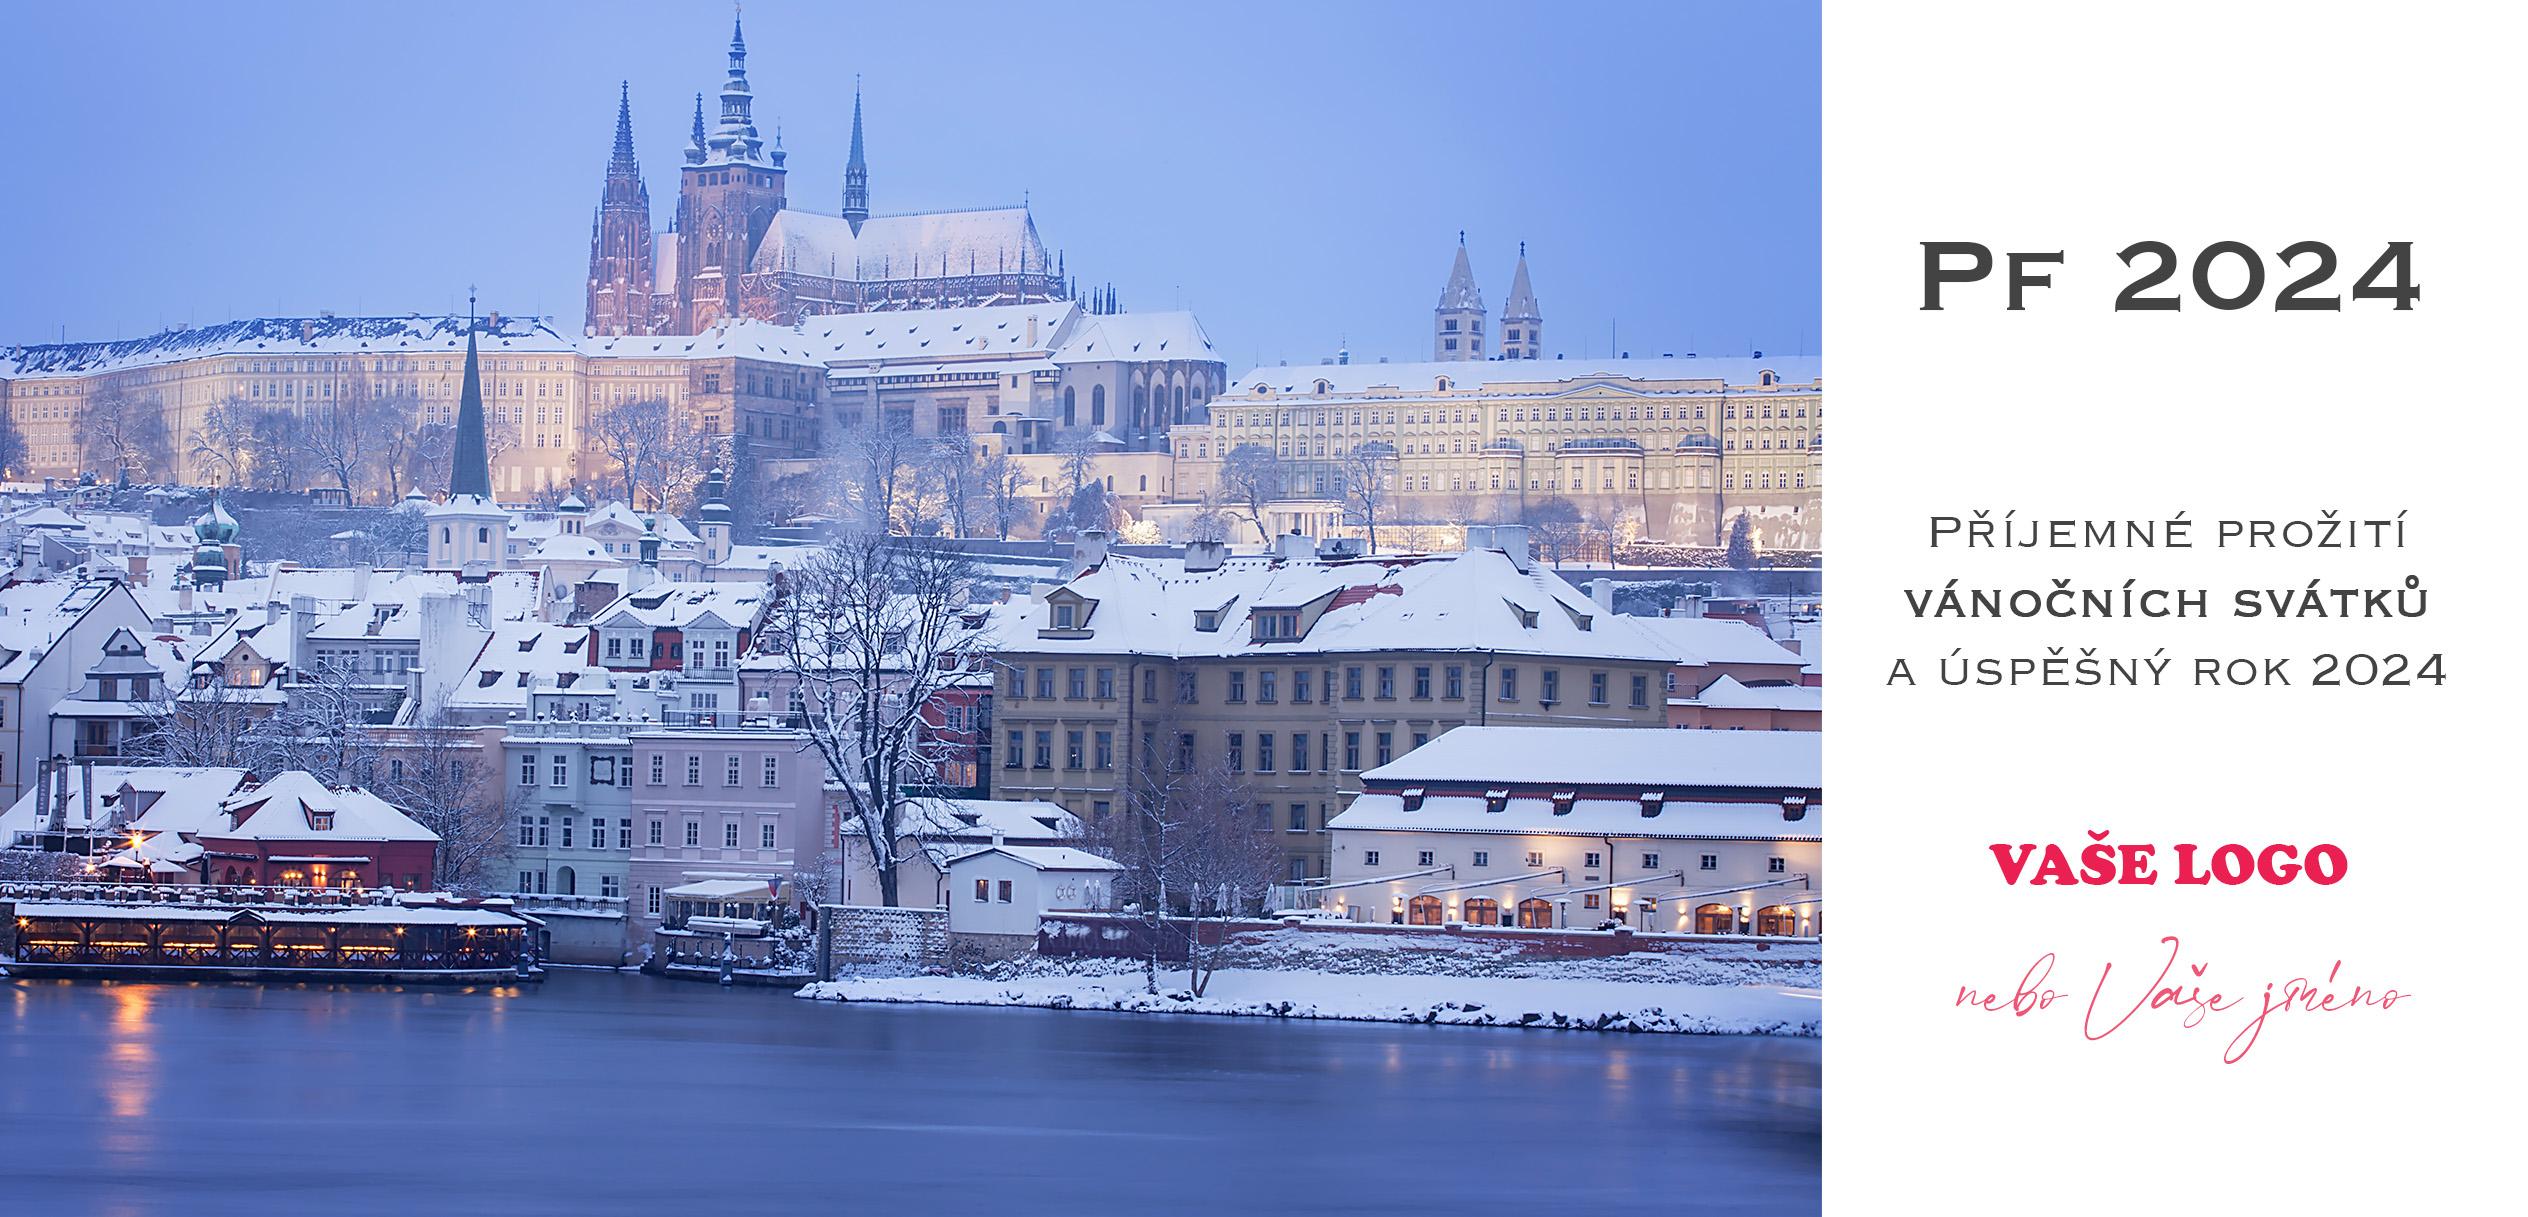 Zasněžená architektura Prahy dodává novoročenkám romantickou náladu, která ke svátkům patří.